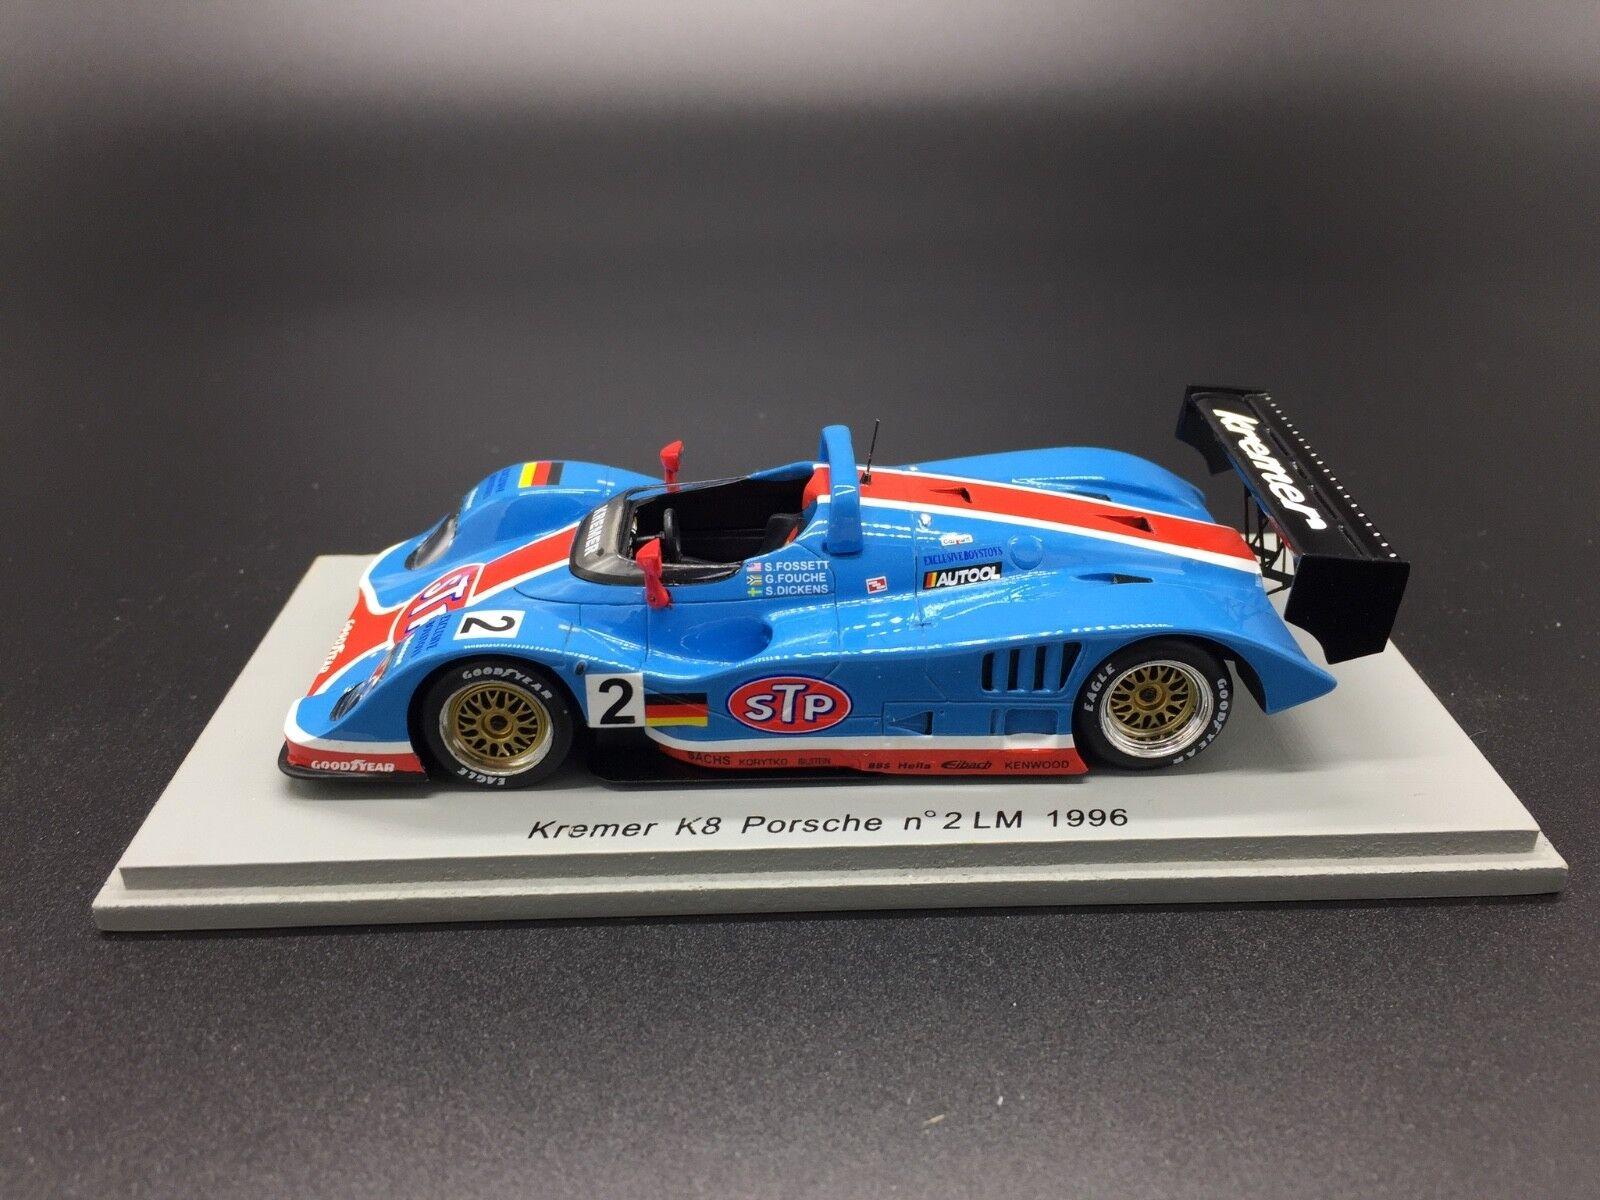 Spark S0326 1/43 Kremer K8 Porsche Gulf #2 Le Mans 1996